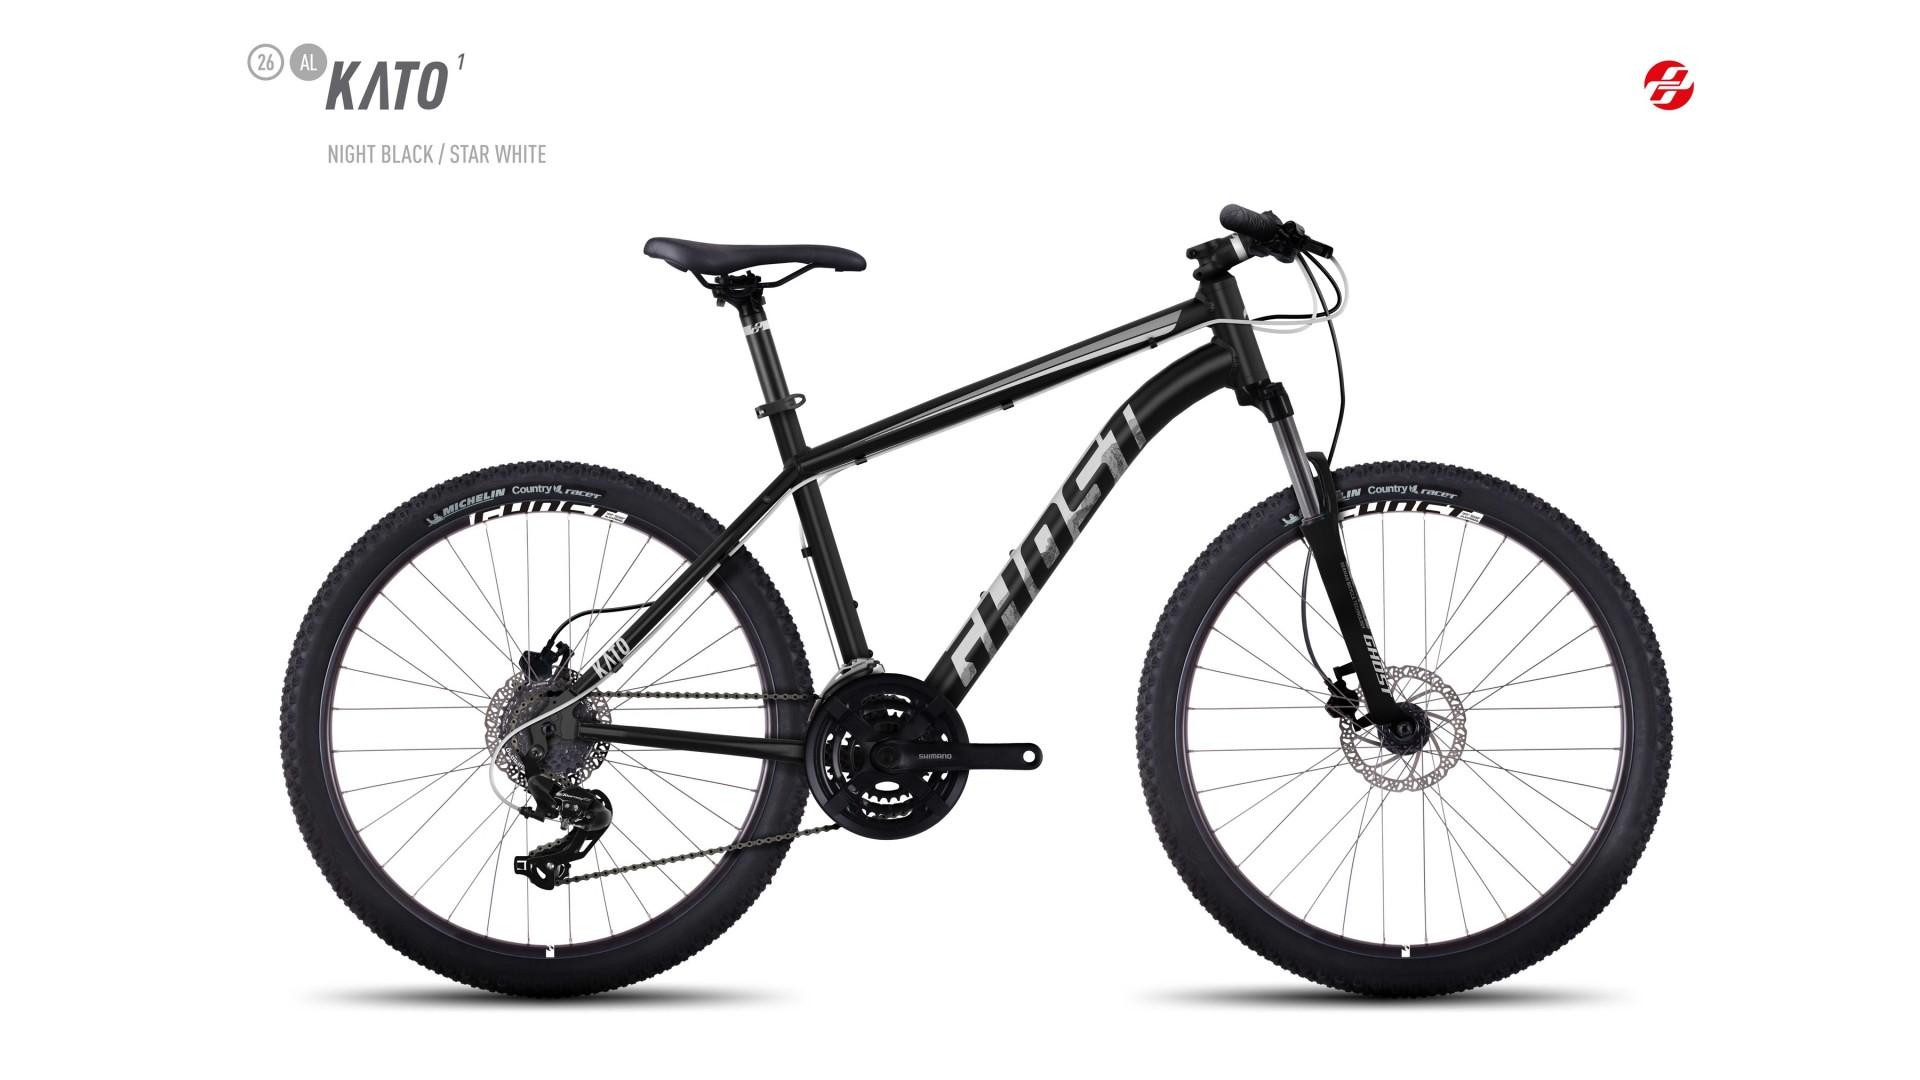 Велосипед GHOST Kato 1 AL 26 nightblack/starwhite год 2017